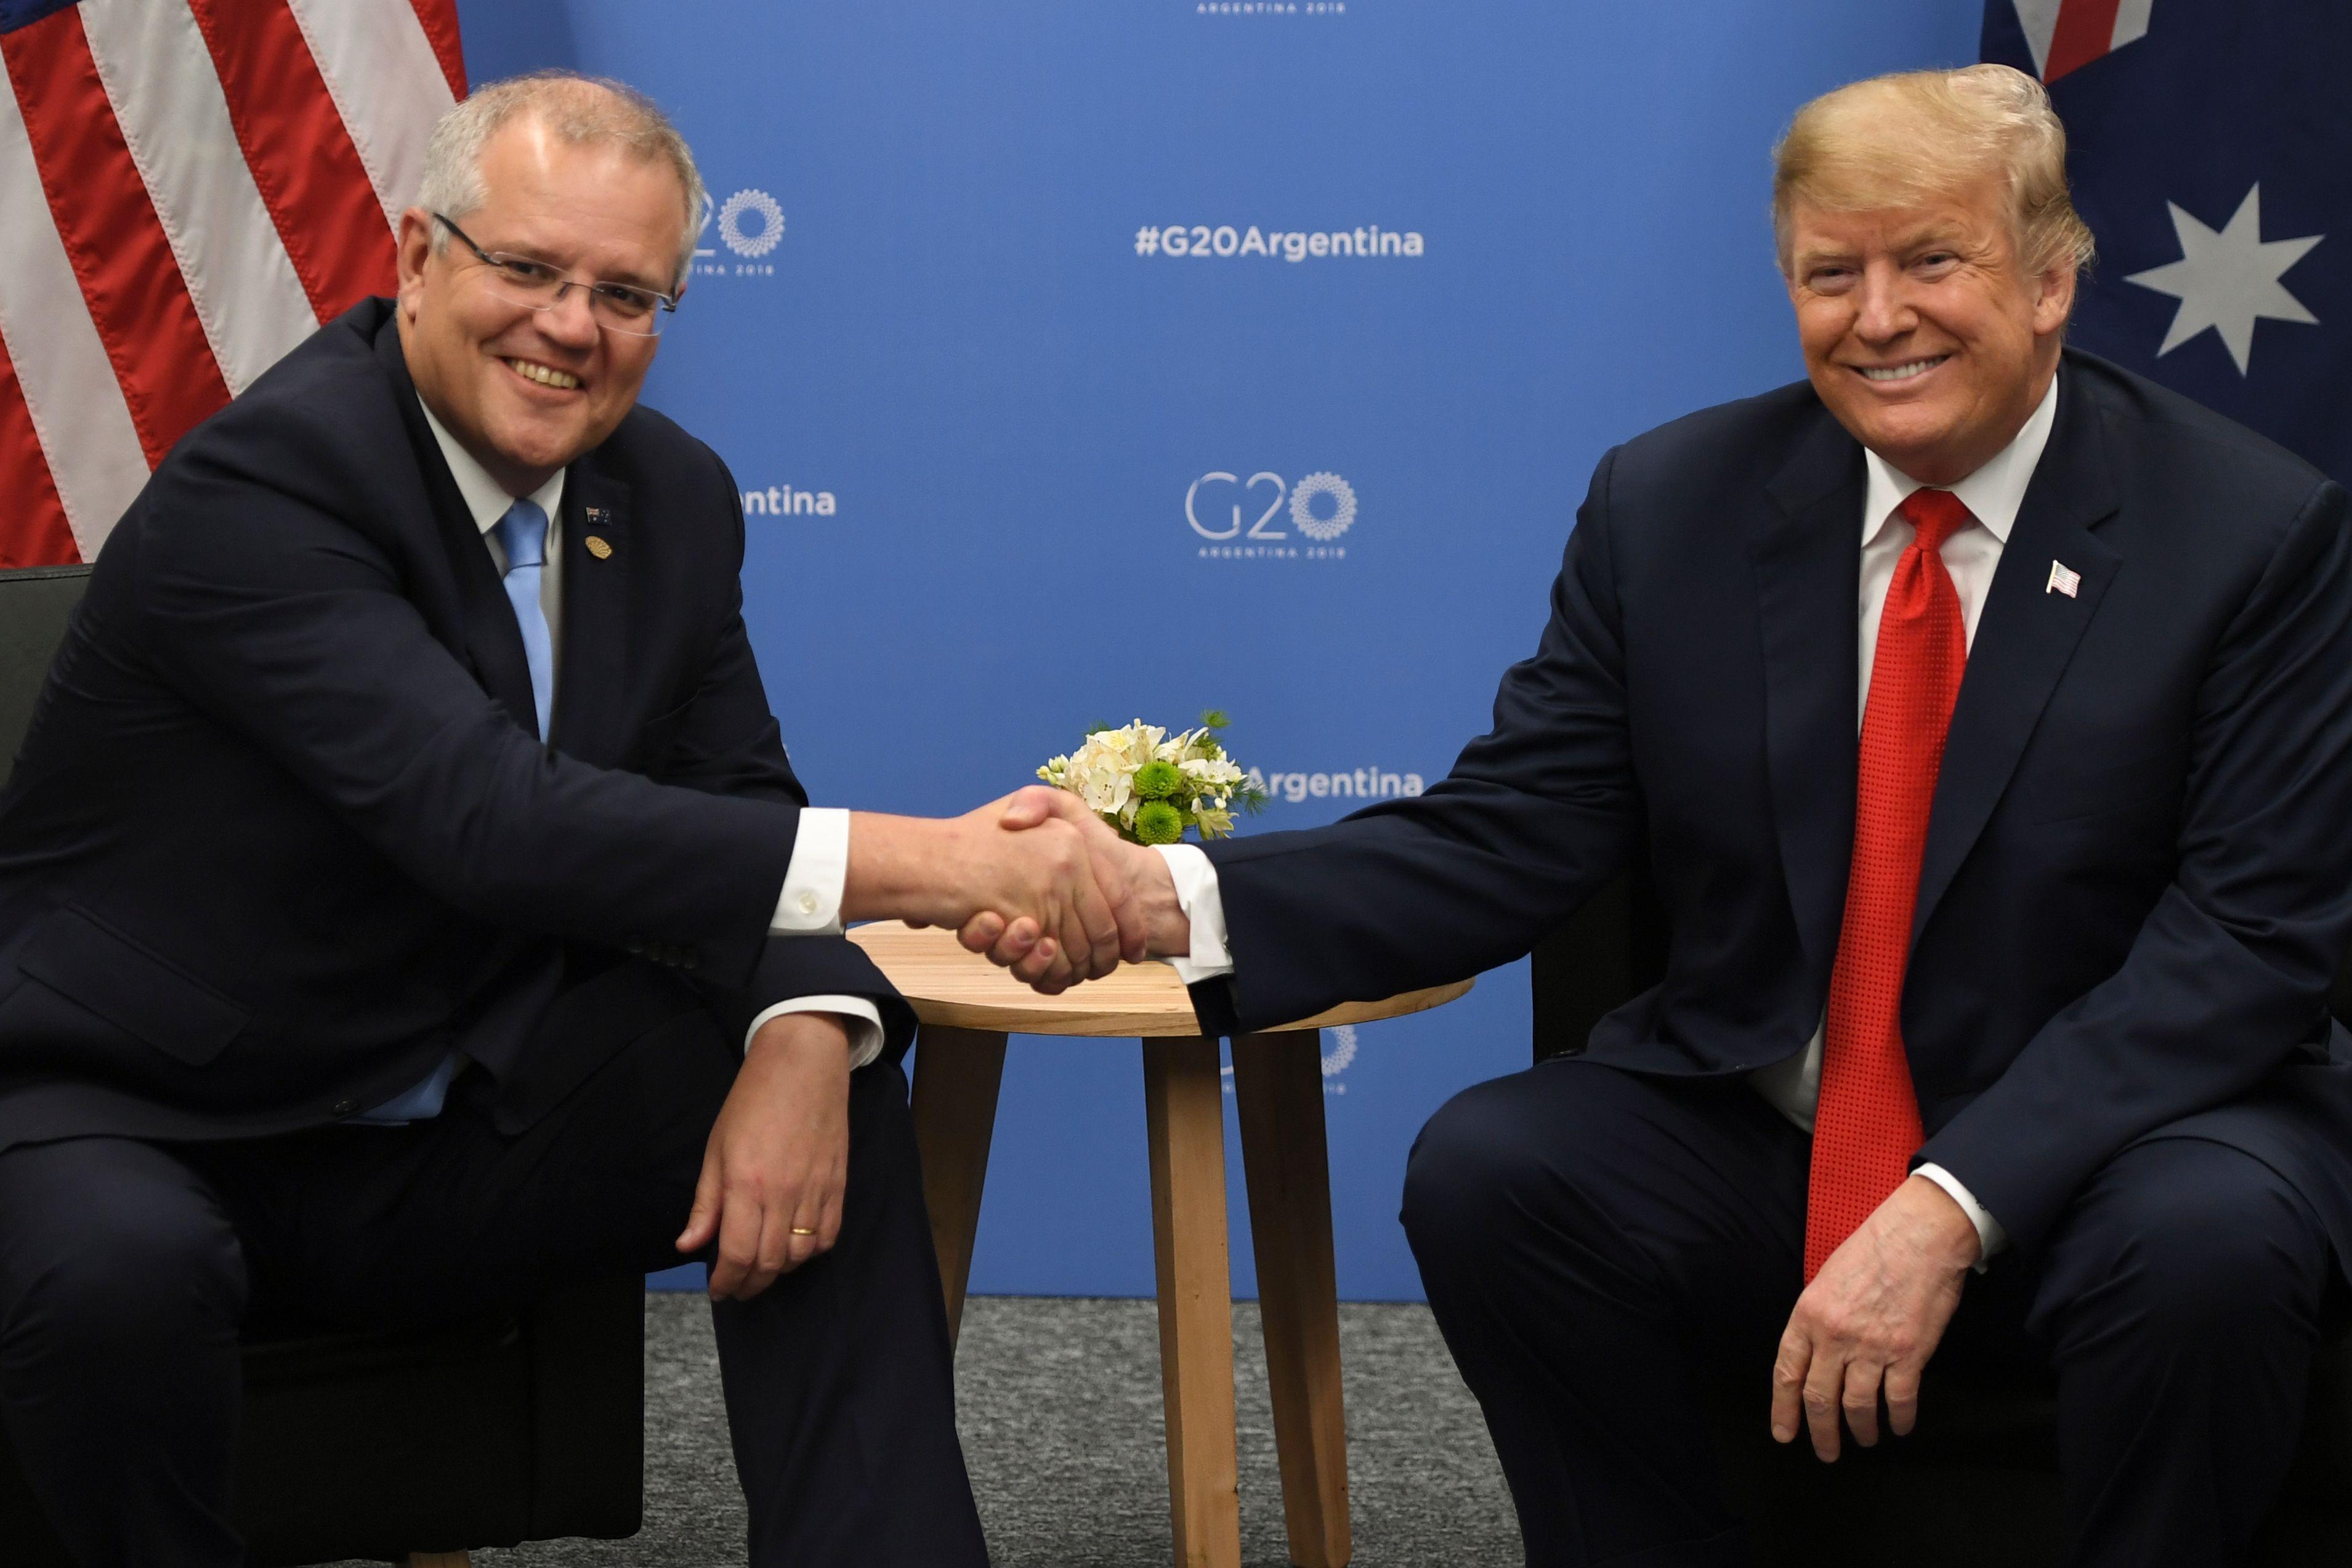 澳洲總理莫里森跟美國總統特朗普有多像?